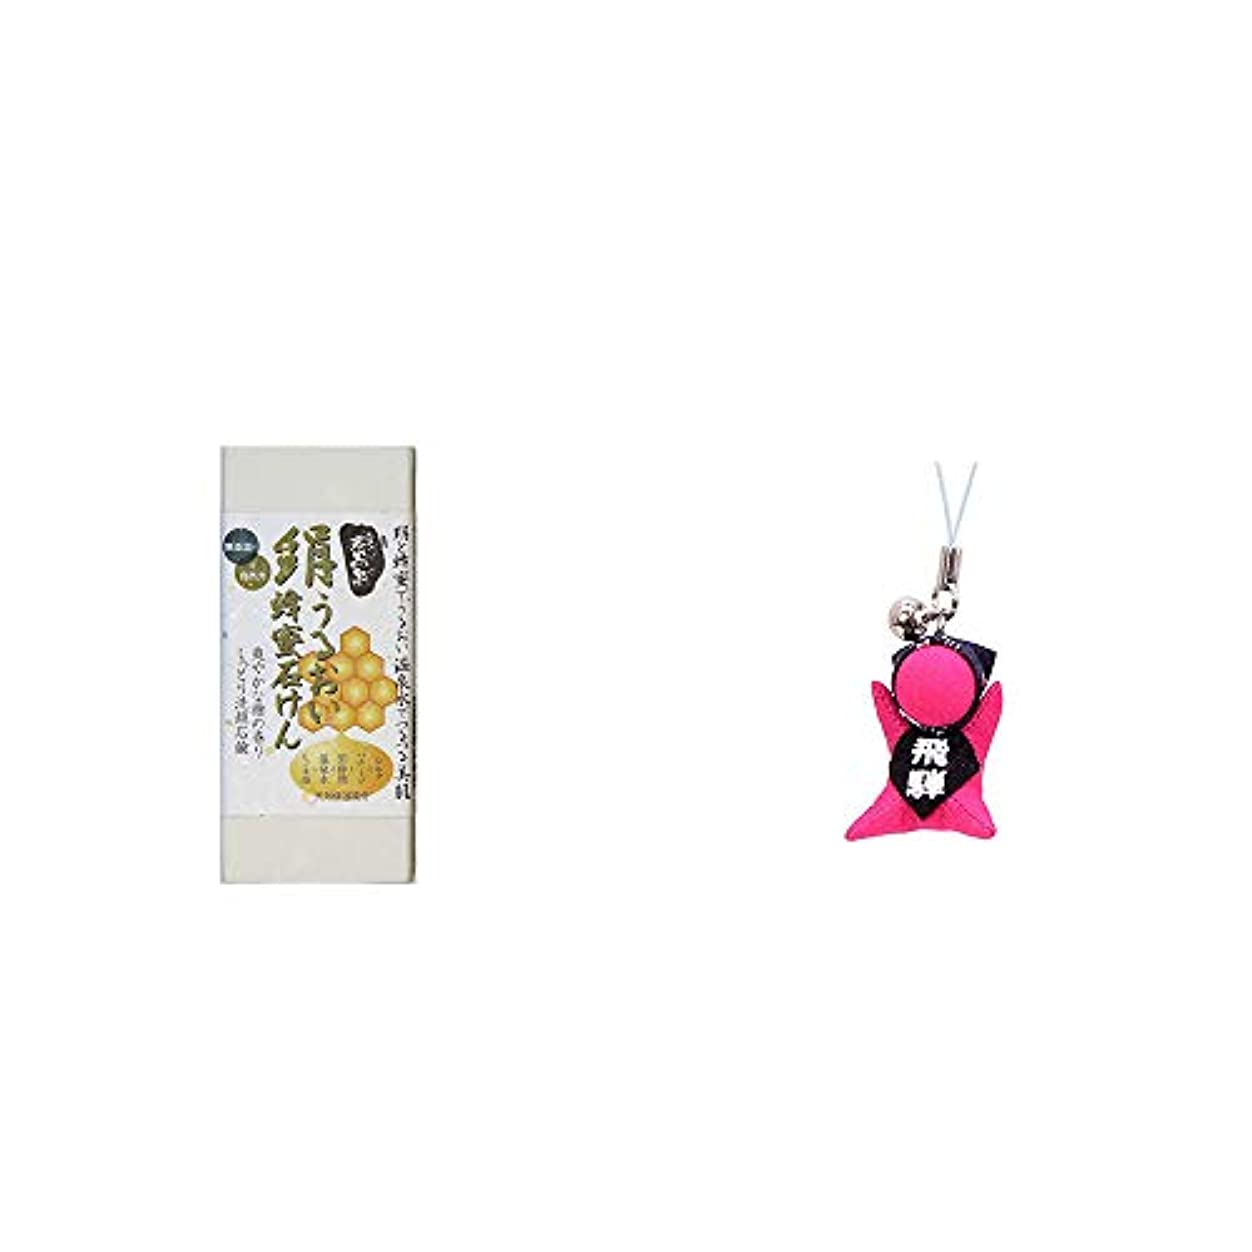 ハーブネコ引き出す[2点セット] ひのき炭黒泉 絹うるおい蜂蜜石けん(75g×2)?さるぼぼ幸福ストラップ 【ピンク】 / 風水カラー全9種類 縁結び?恋愛(出会い) お守り//